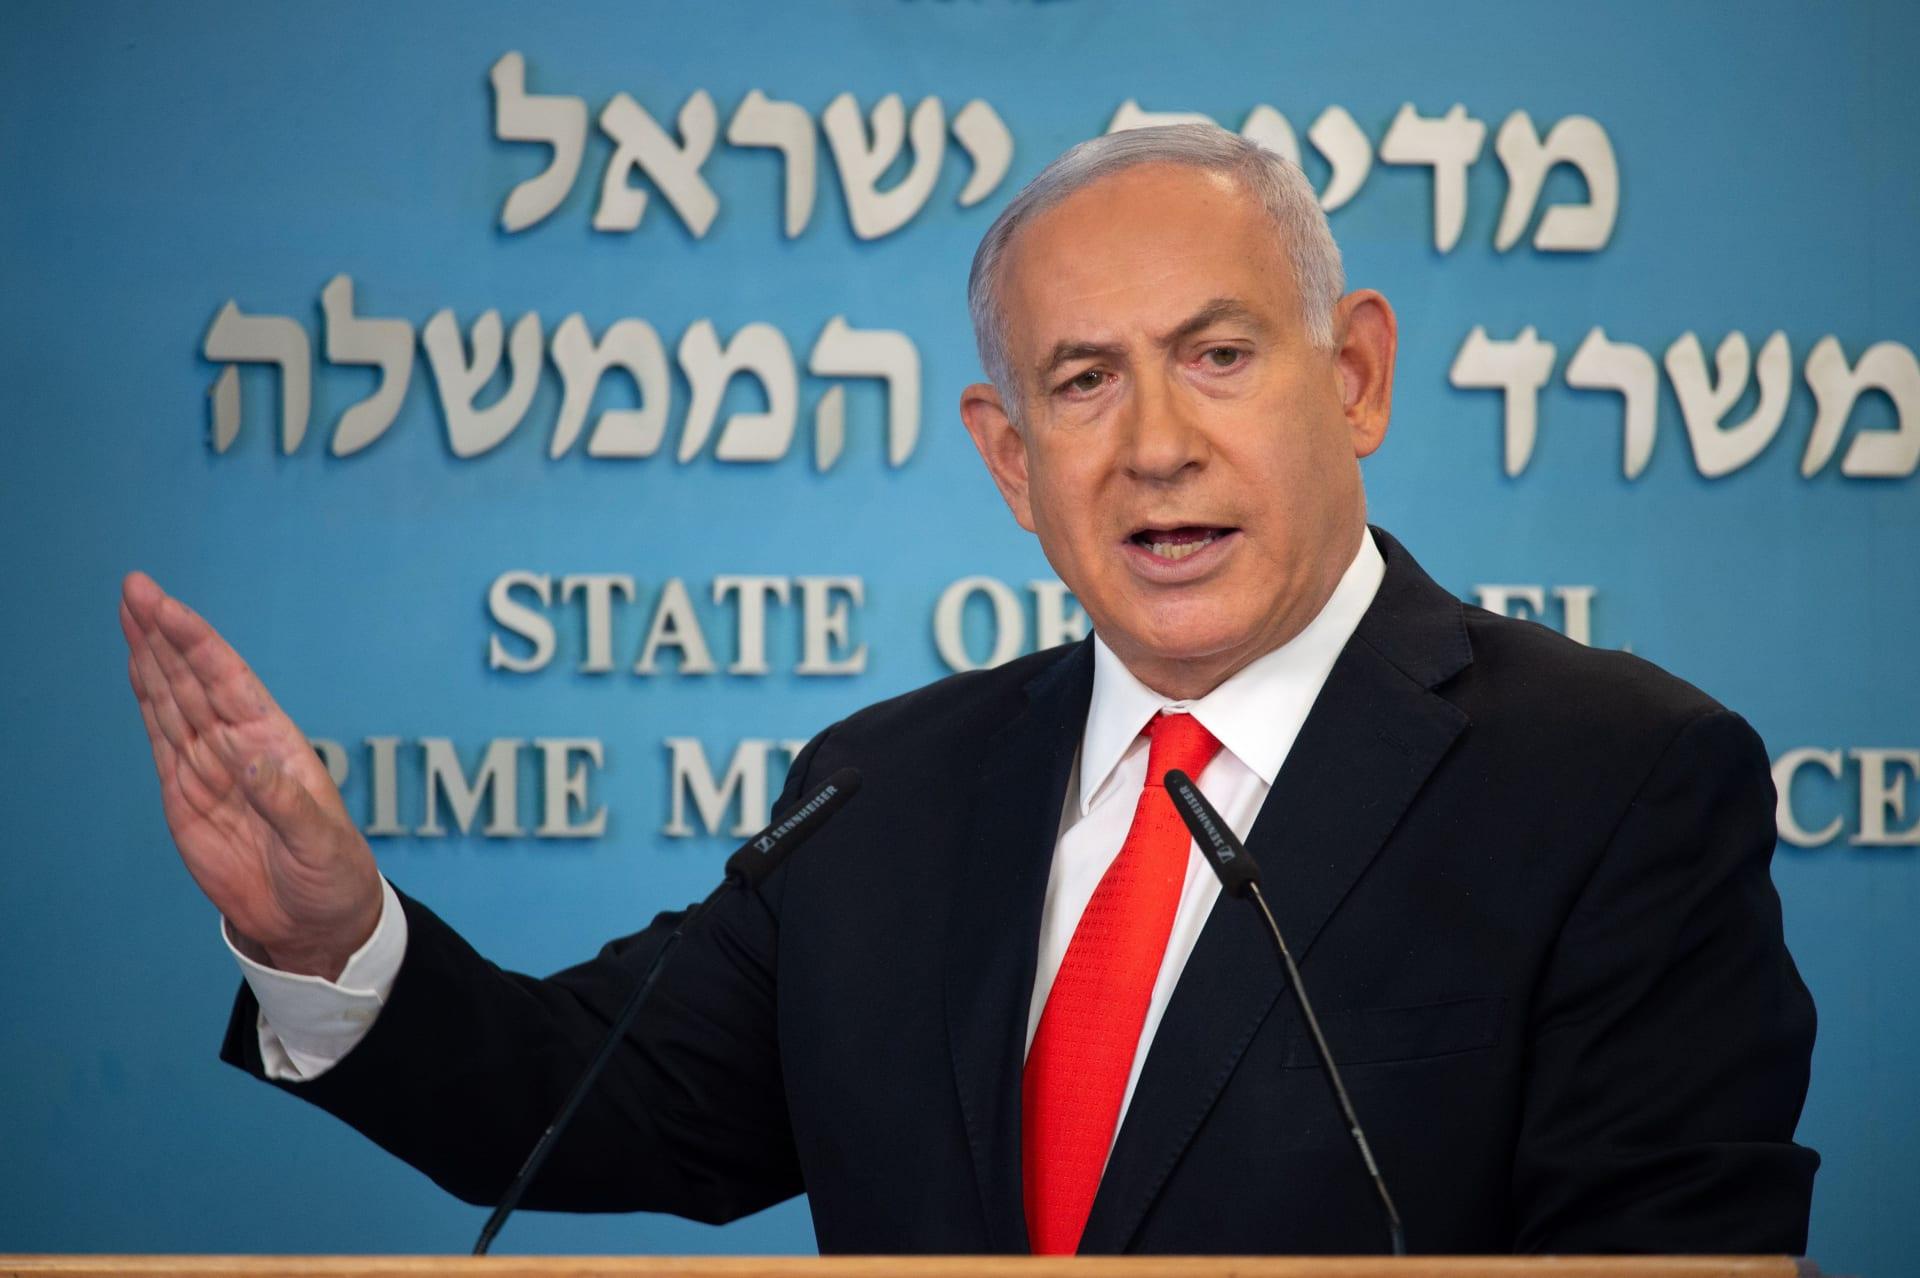 نتنياهو: هندوراس ستفتح سفارة لها في القدس قبل نهاية 2020